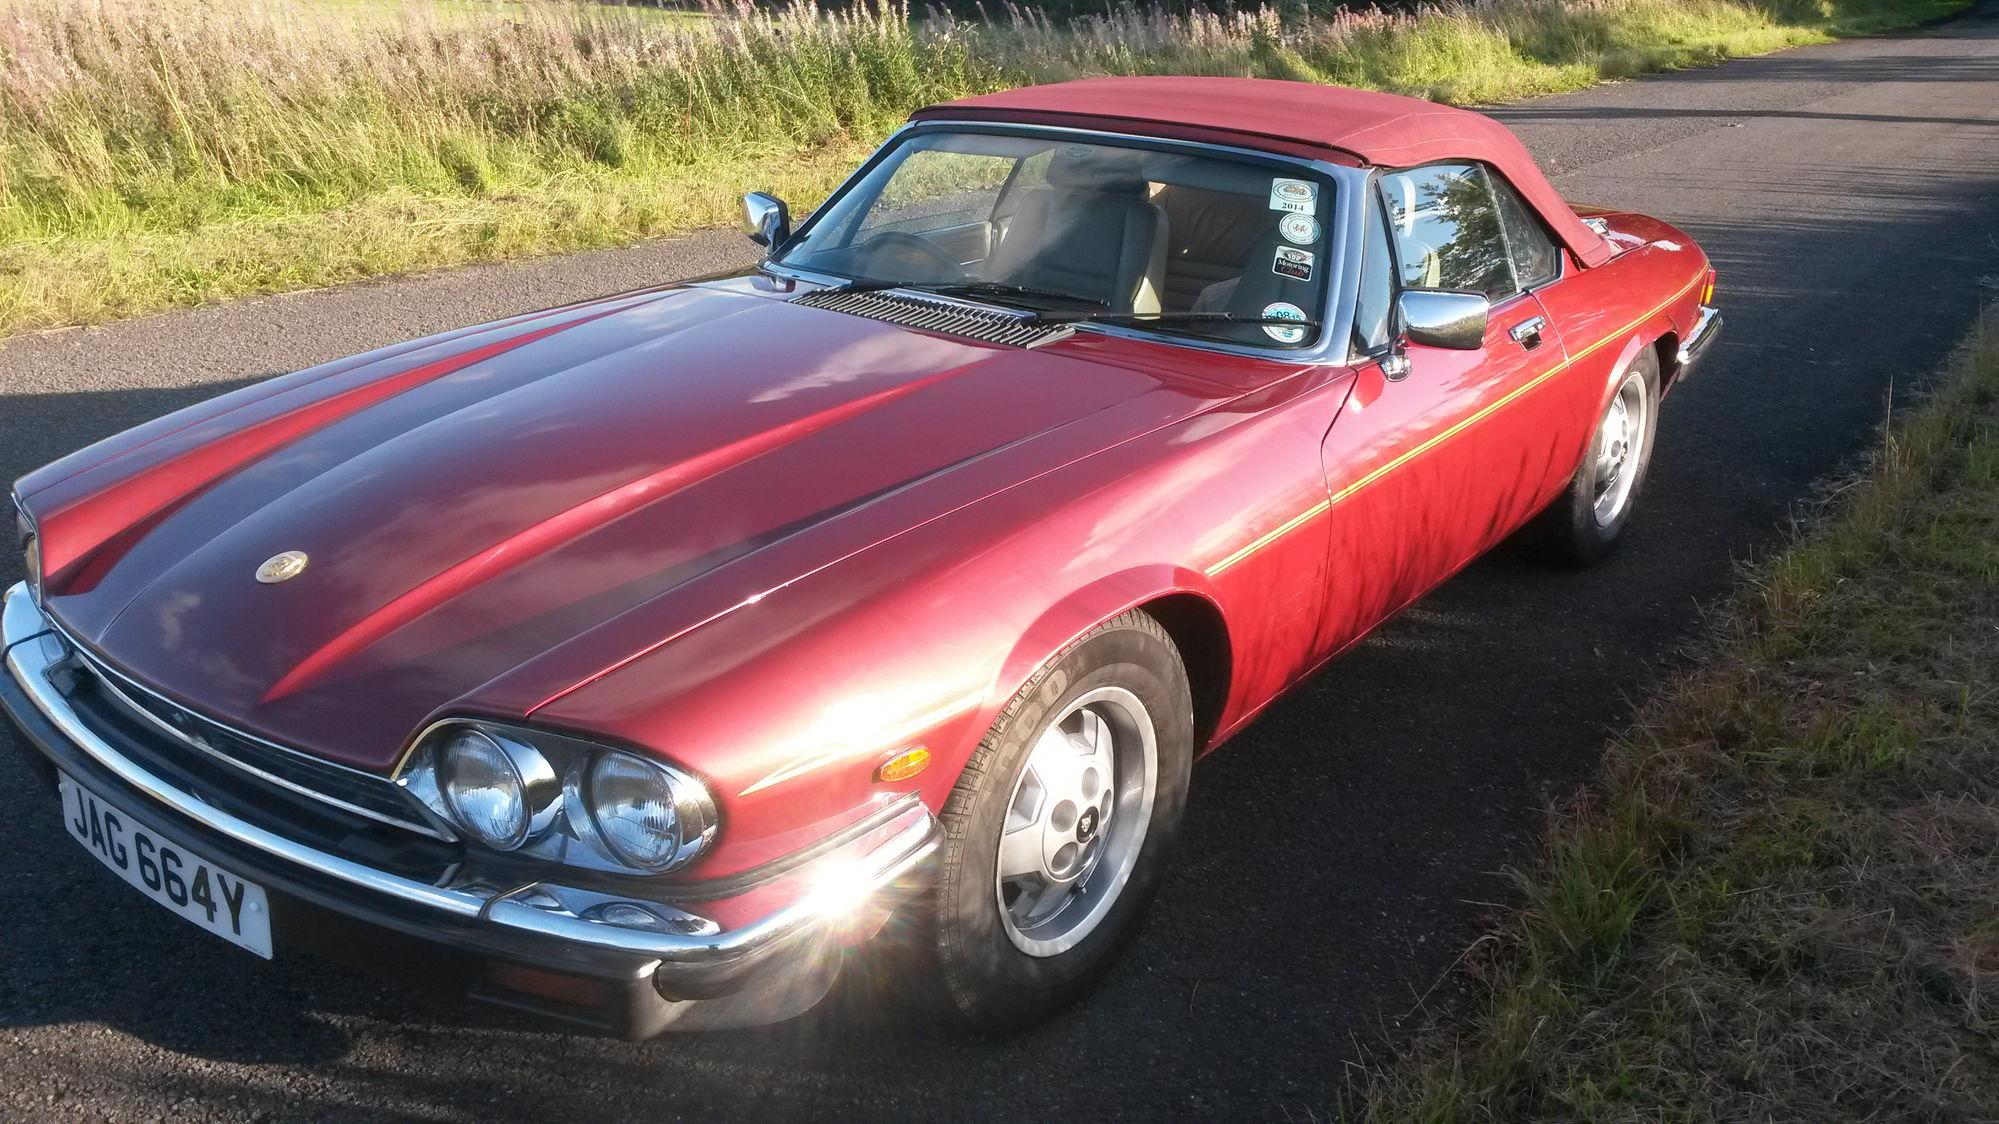 xj6 xj40 vanden plas radio upgrade jaguar forums jaguar rh jaguarforums com